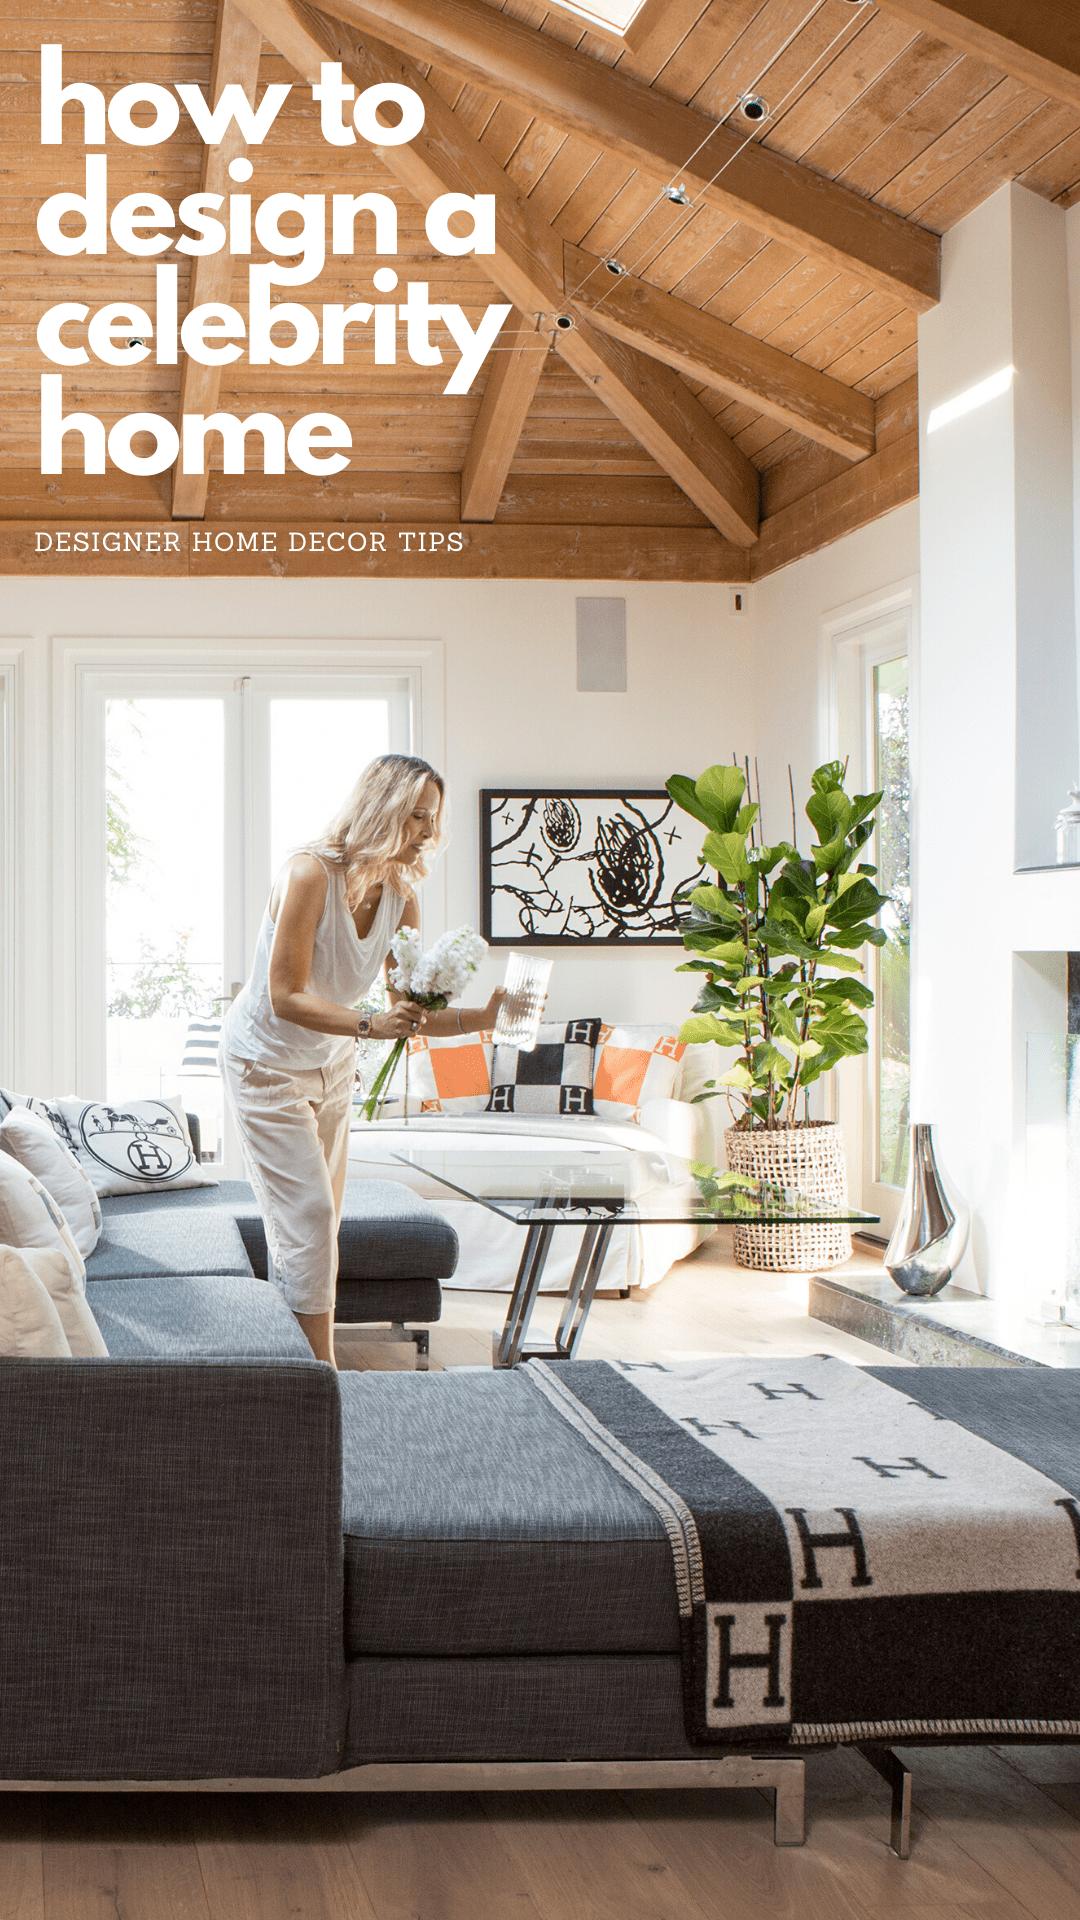 how to design a celebrity home